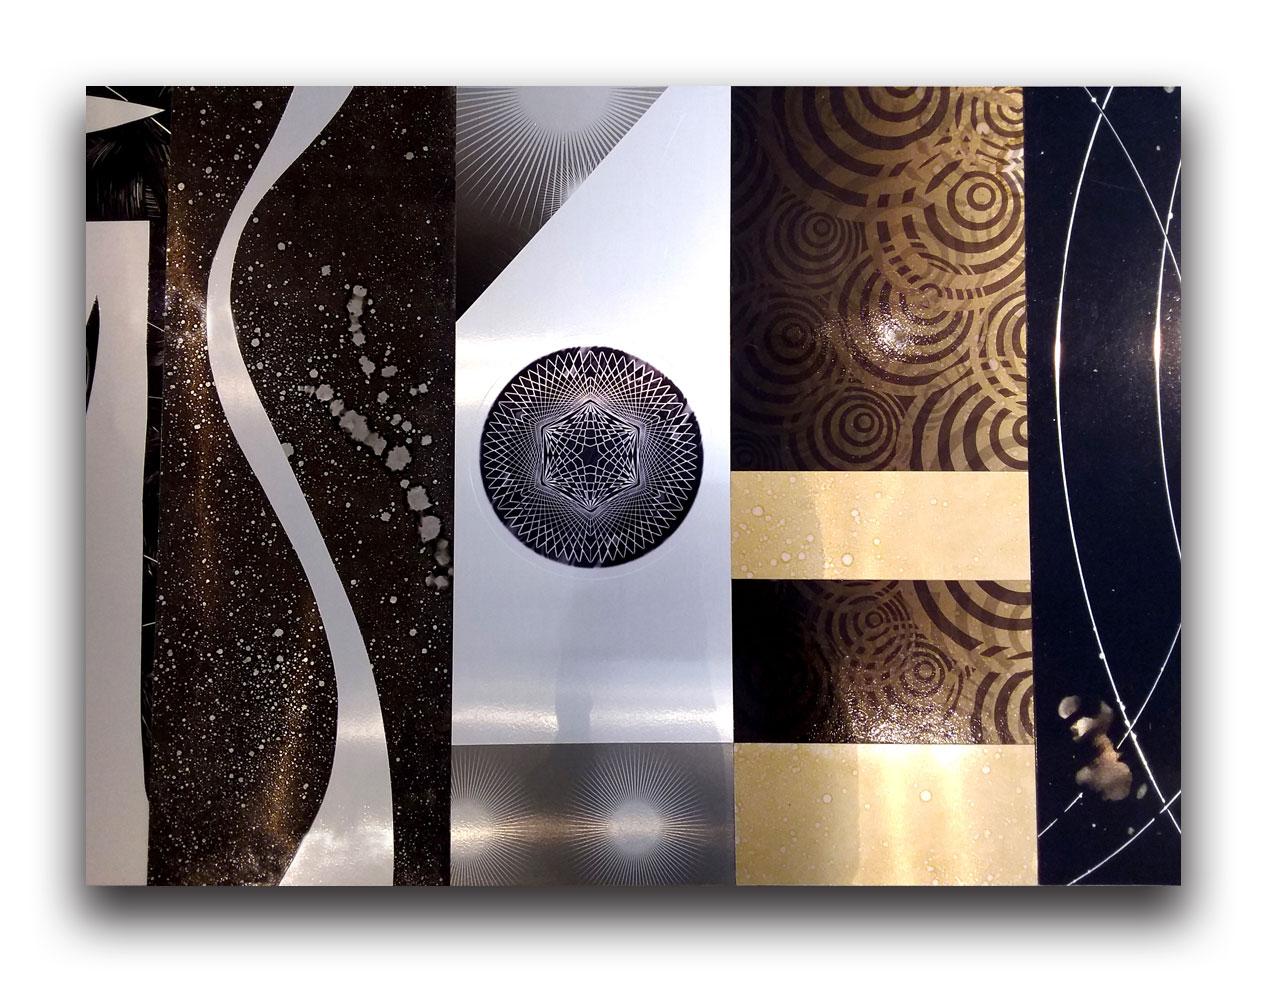 pannelli-in-metallo-decorati-a-mano- in vendita 6